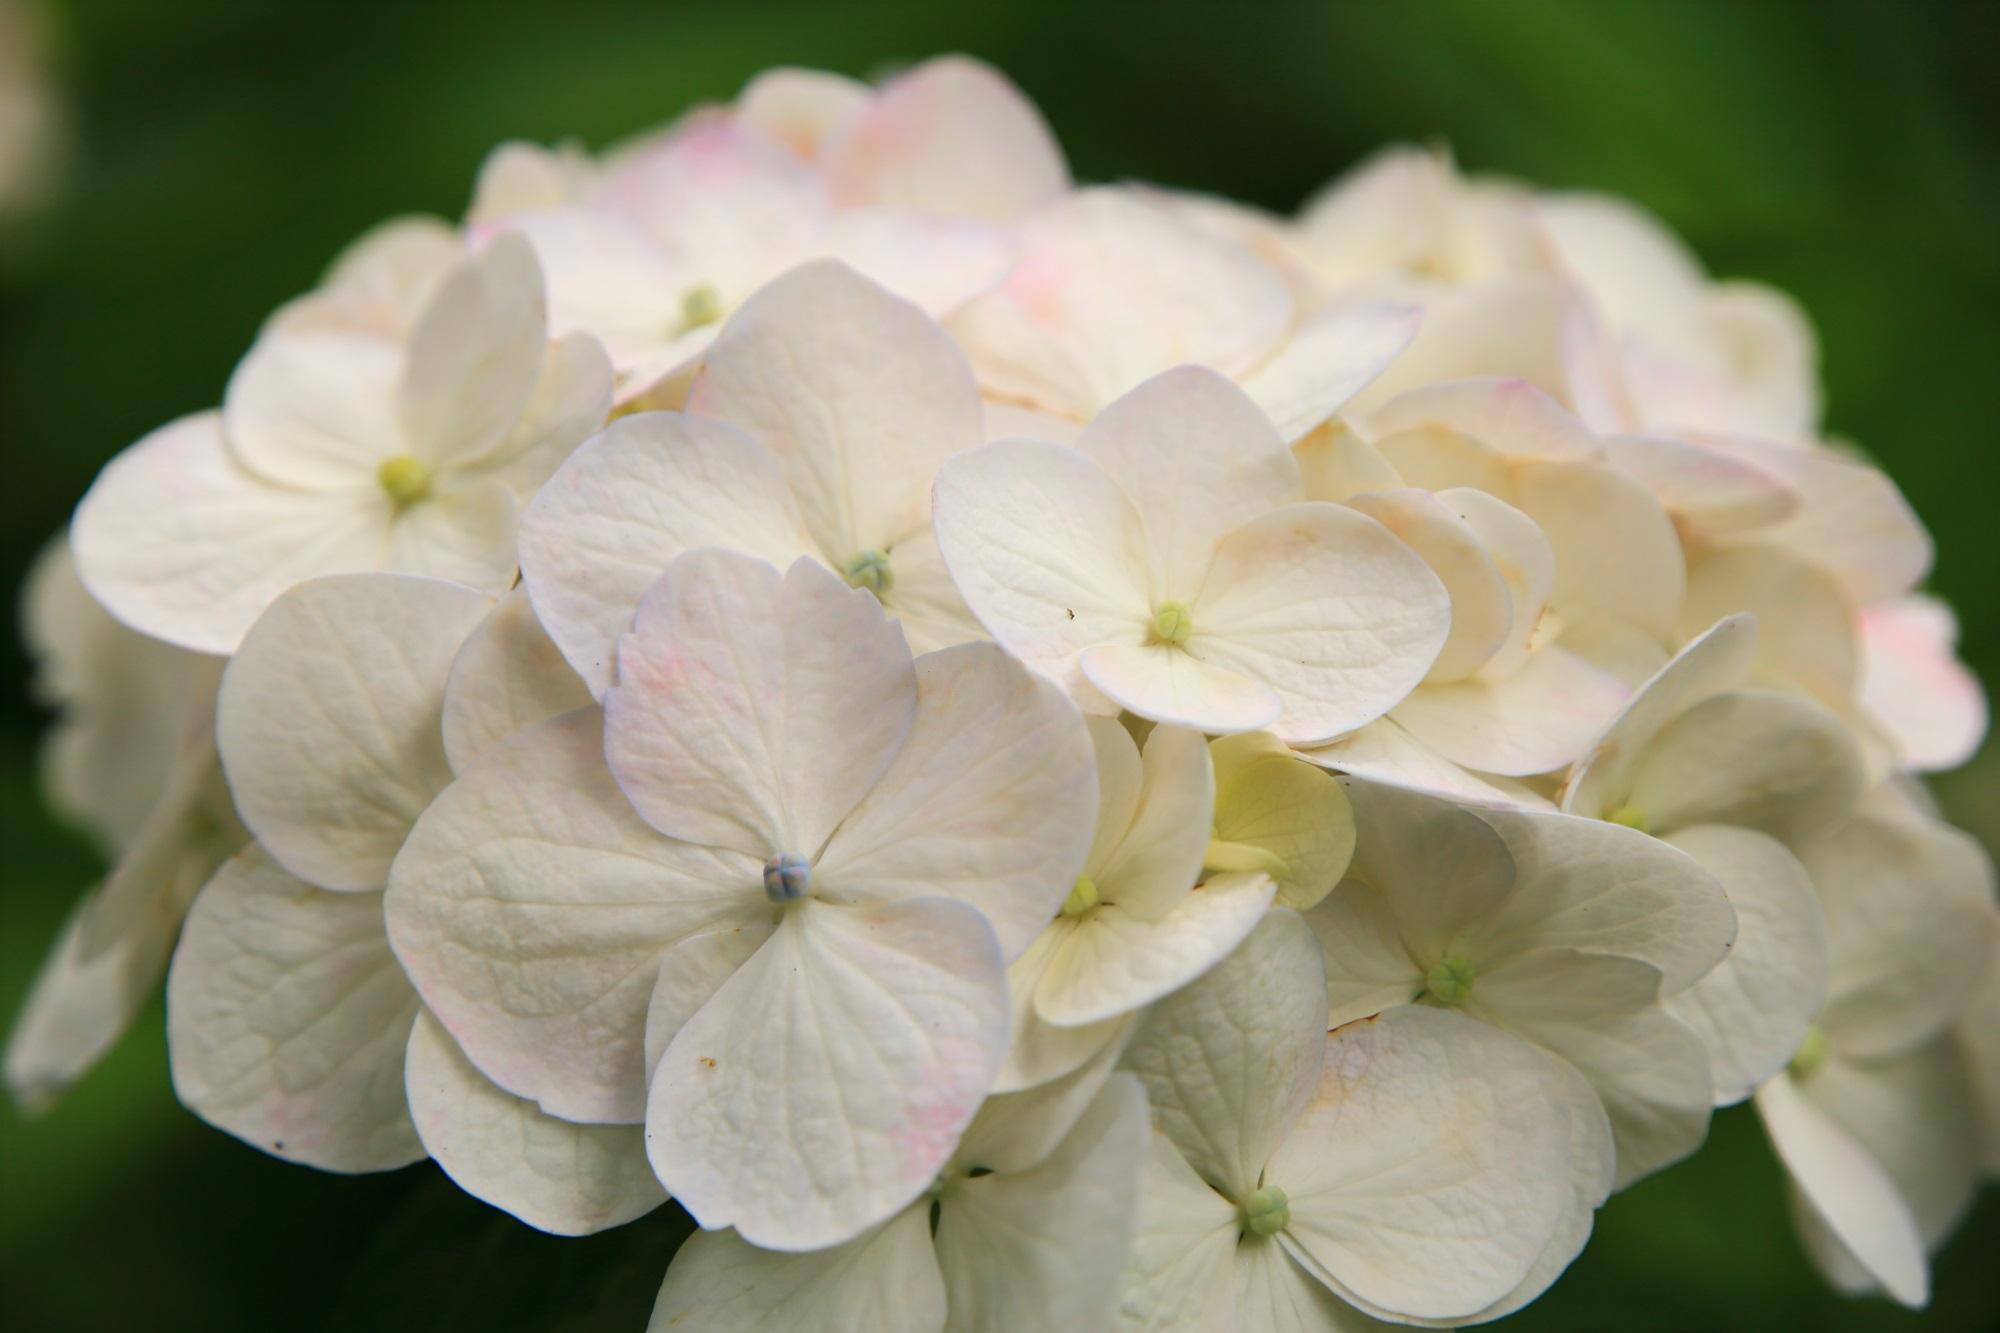 ところどころに薄っすらとピンクの入った不思議な白い紫陽花